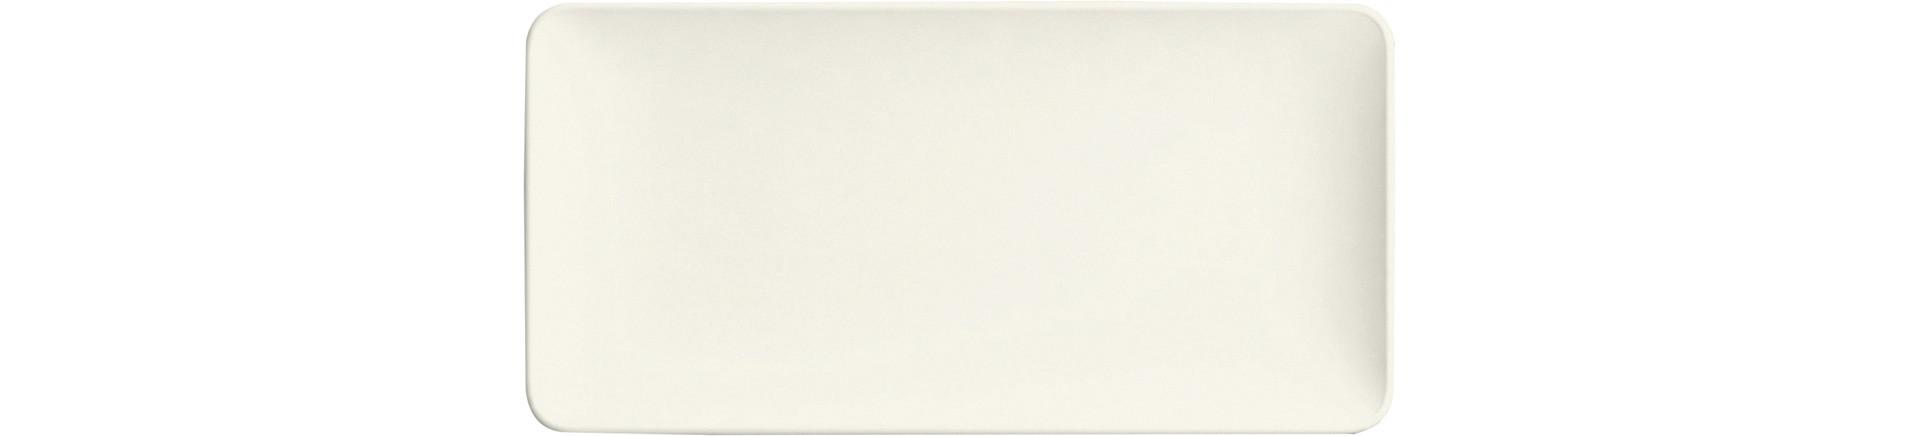 Purity, Coupplatte rechteckig 178 x 89 mm